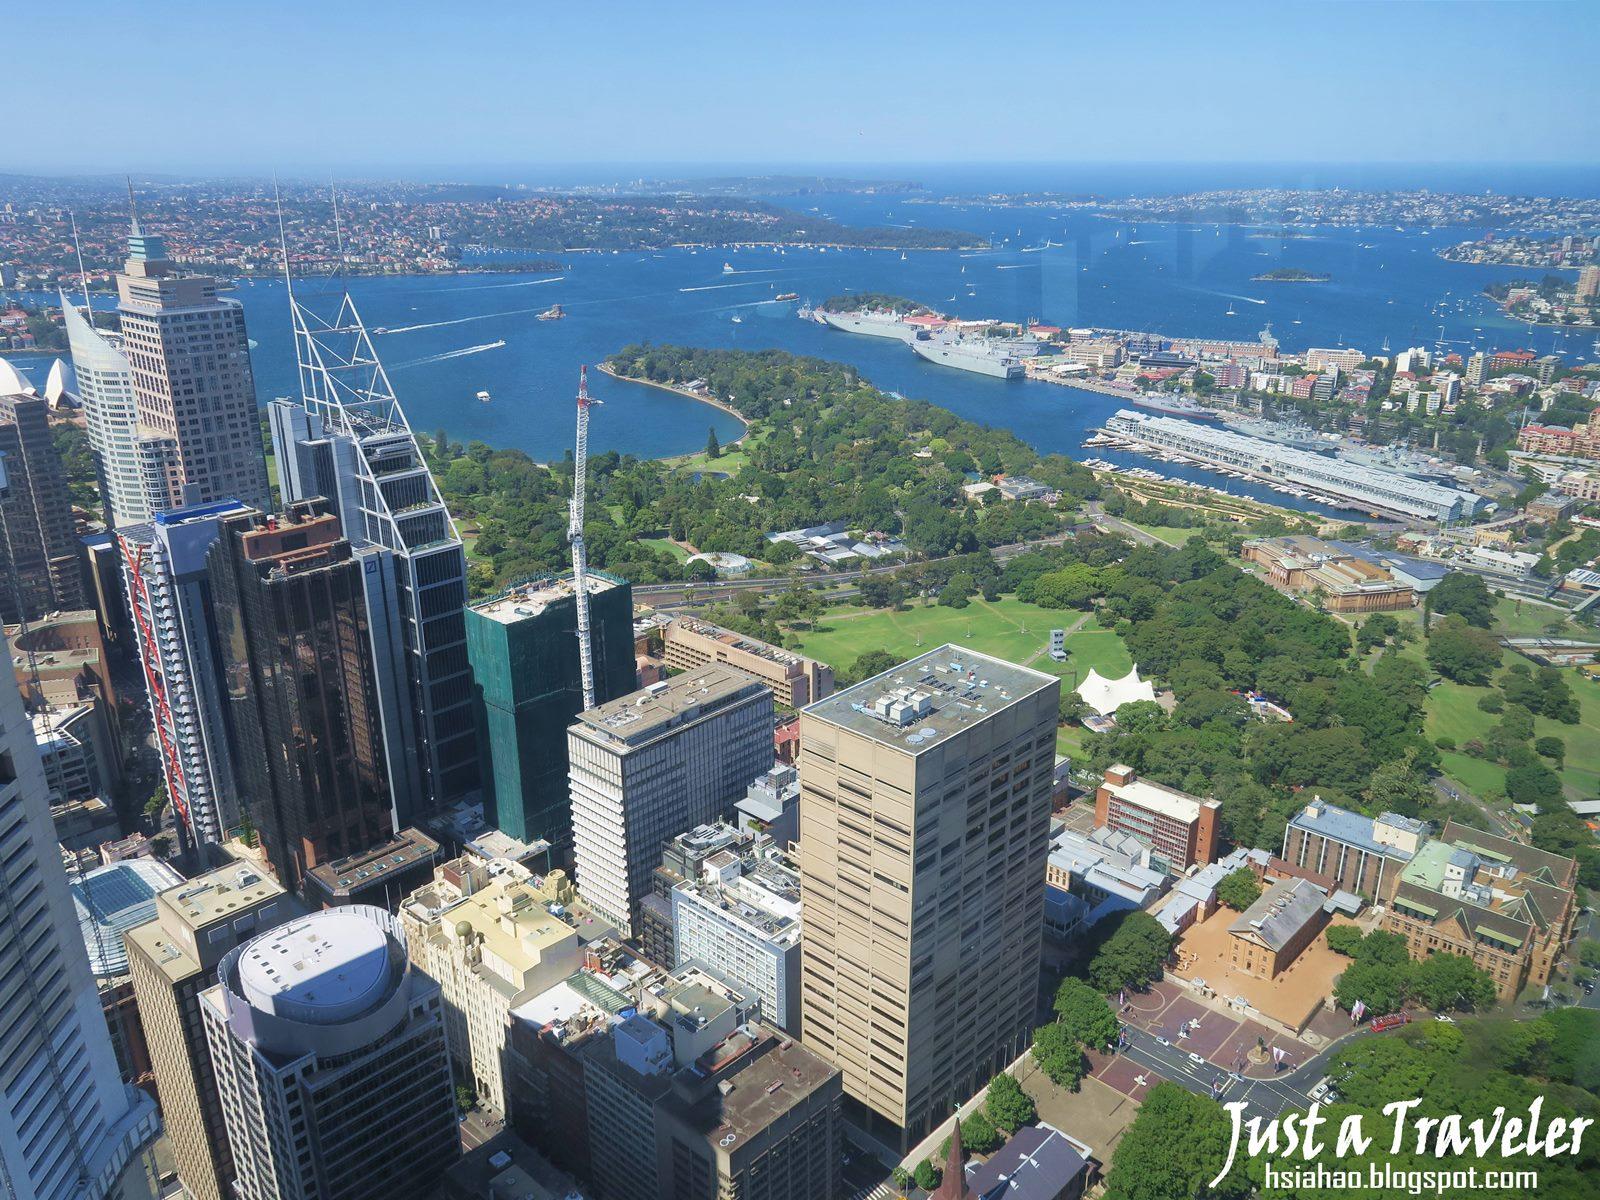 雪梨-悉尼-景點-推薦-雪梨塔-悉尼塔-市區-自由行-優惠券-套票-旅遊-澳洲-Sydney-Tower-Eye-Tourist-Attraction-Travel-Australia